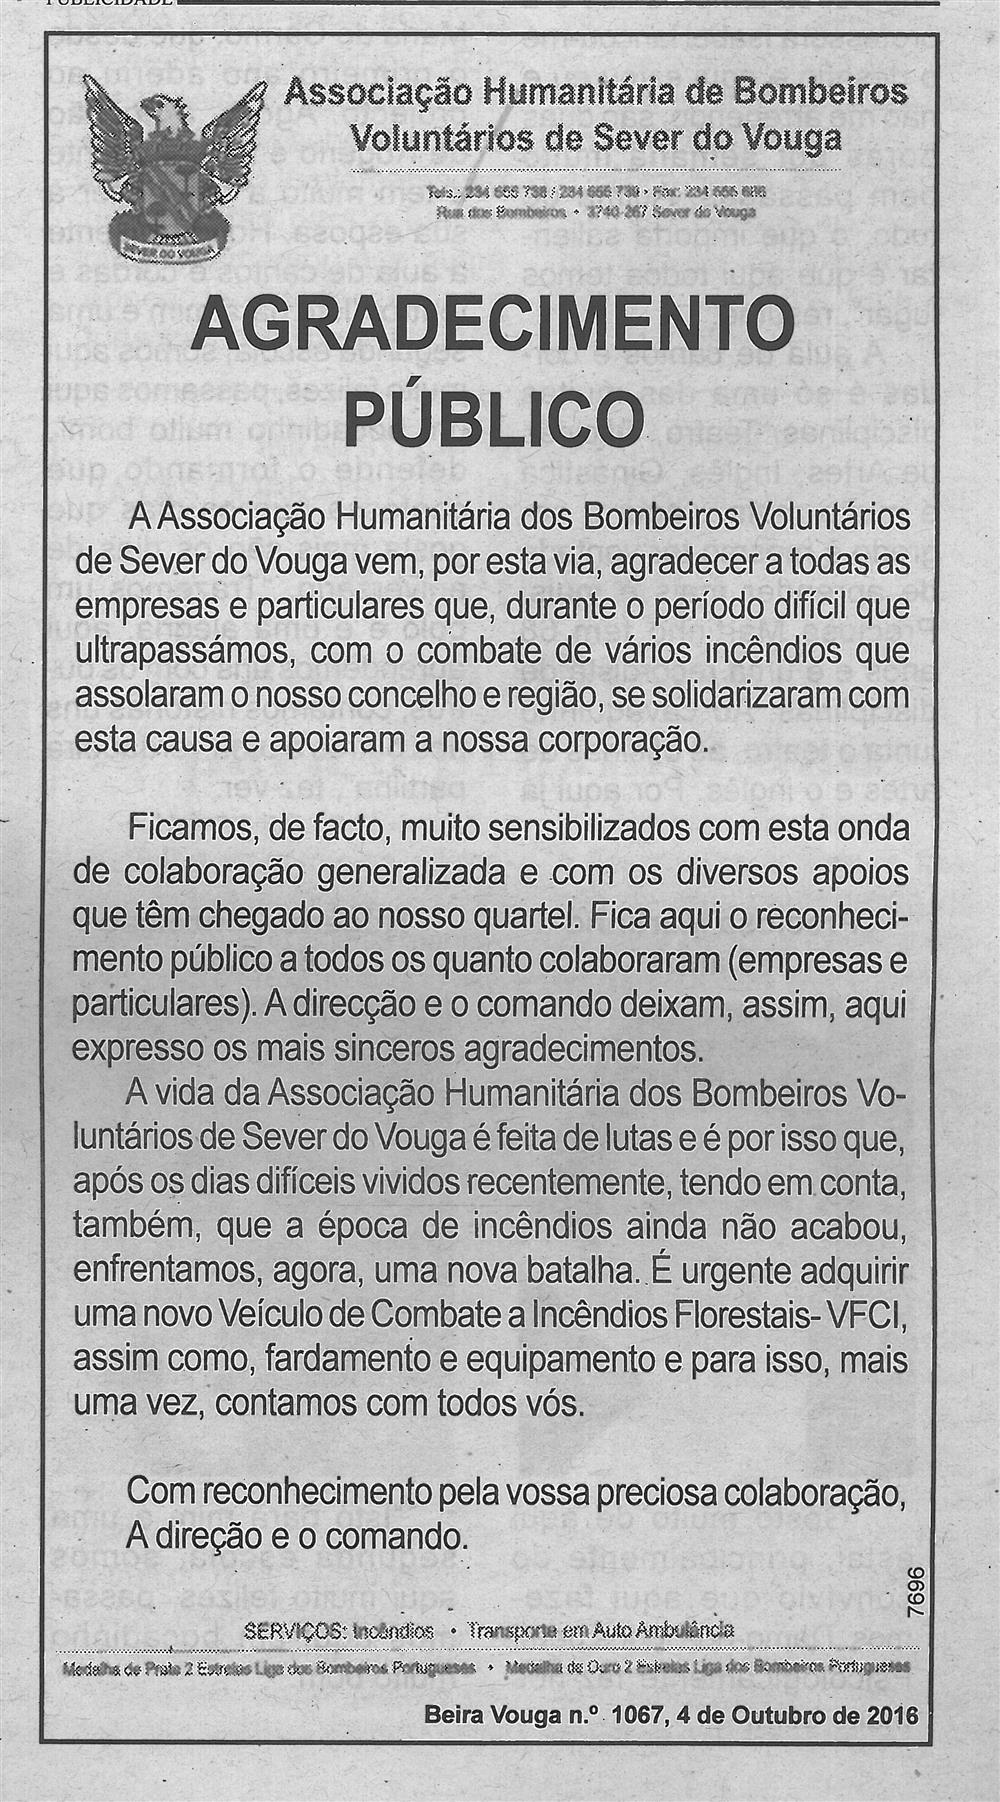 BV-1.ªout.'16-p.5-Agradecimento público : Associação Humanitária de Bombeiros Voluntários de Sever do Vouga.jpg